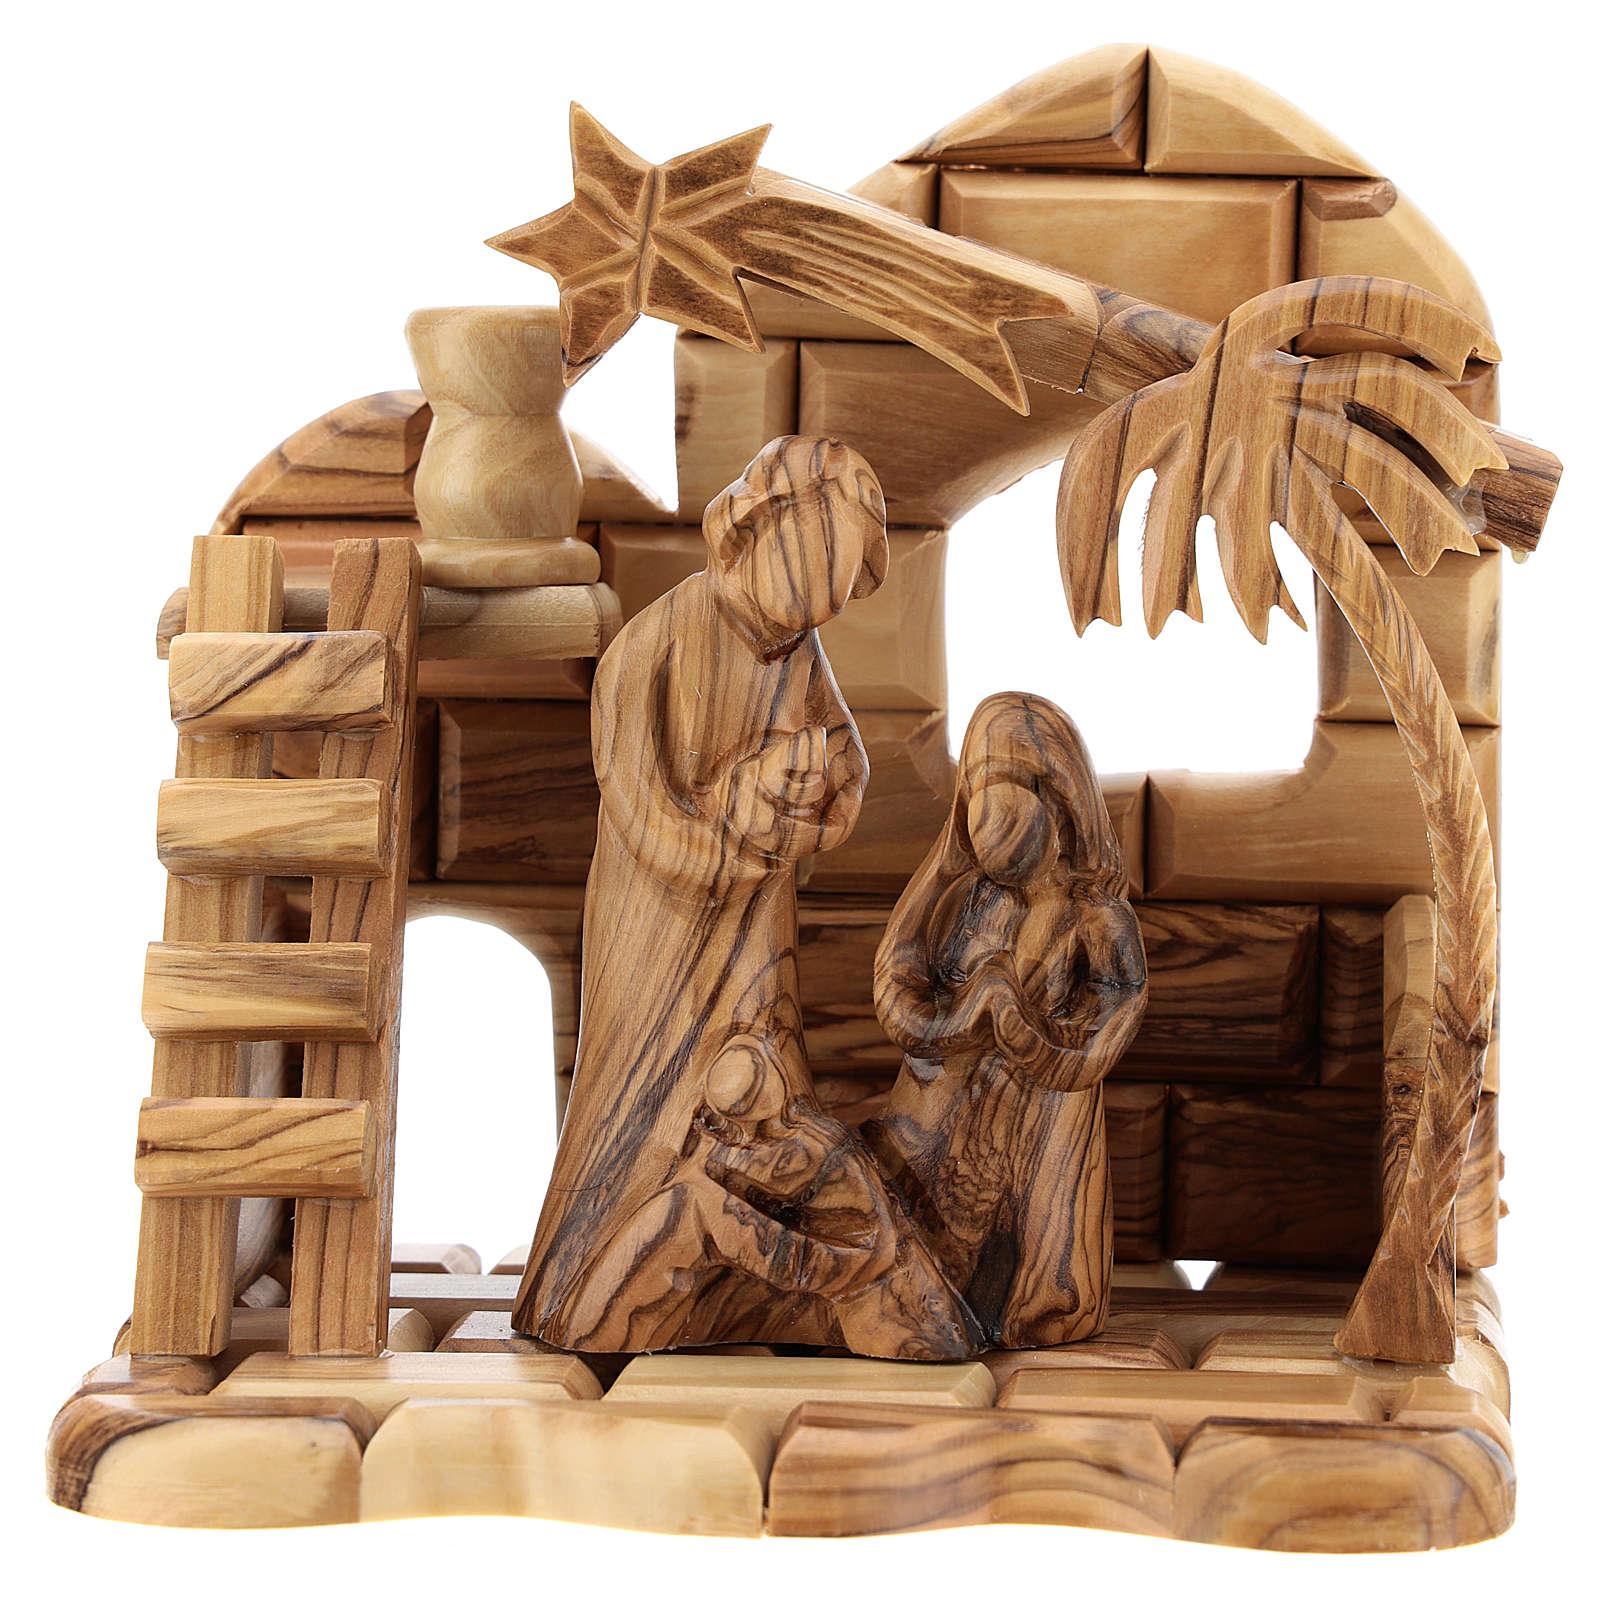 Casetta in ulivo Betlemme con presepe completo stilizzato di 15x15x10 4